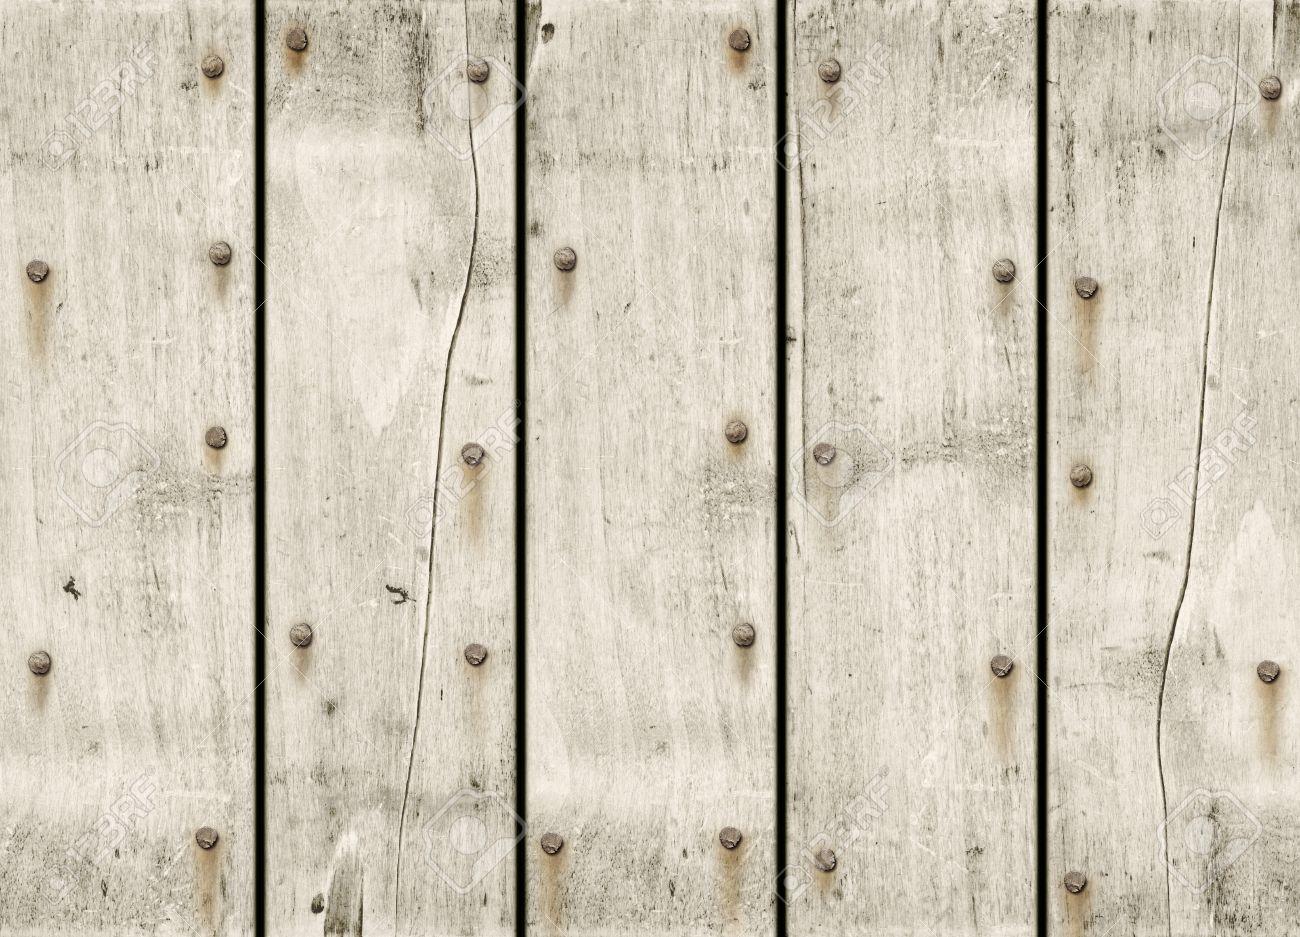 古い白いウッドの背景テクスチャー壁紙 の写真素材 画像素材 Image